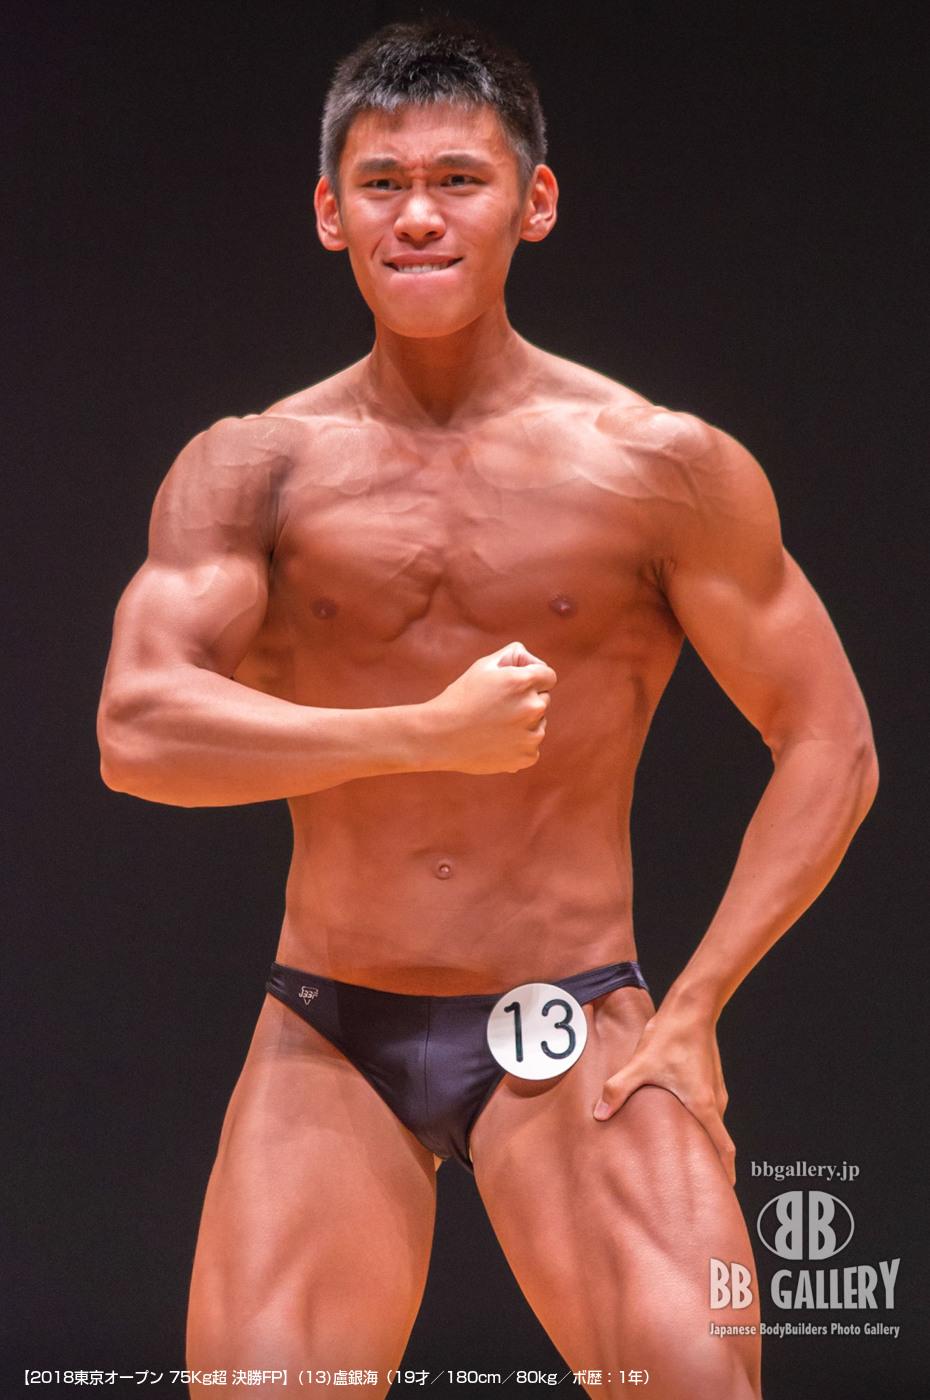 【2018東京オープン 75Kg超 決勝FP】(13)盧銀海(19才/180cm/80kg/ボ歴:1年)